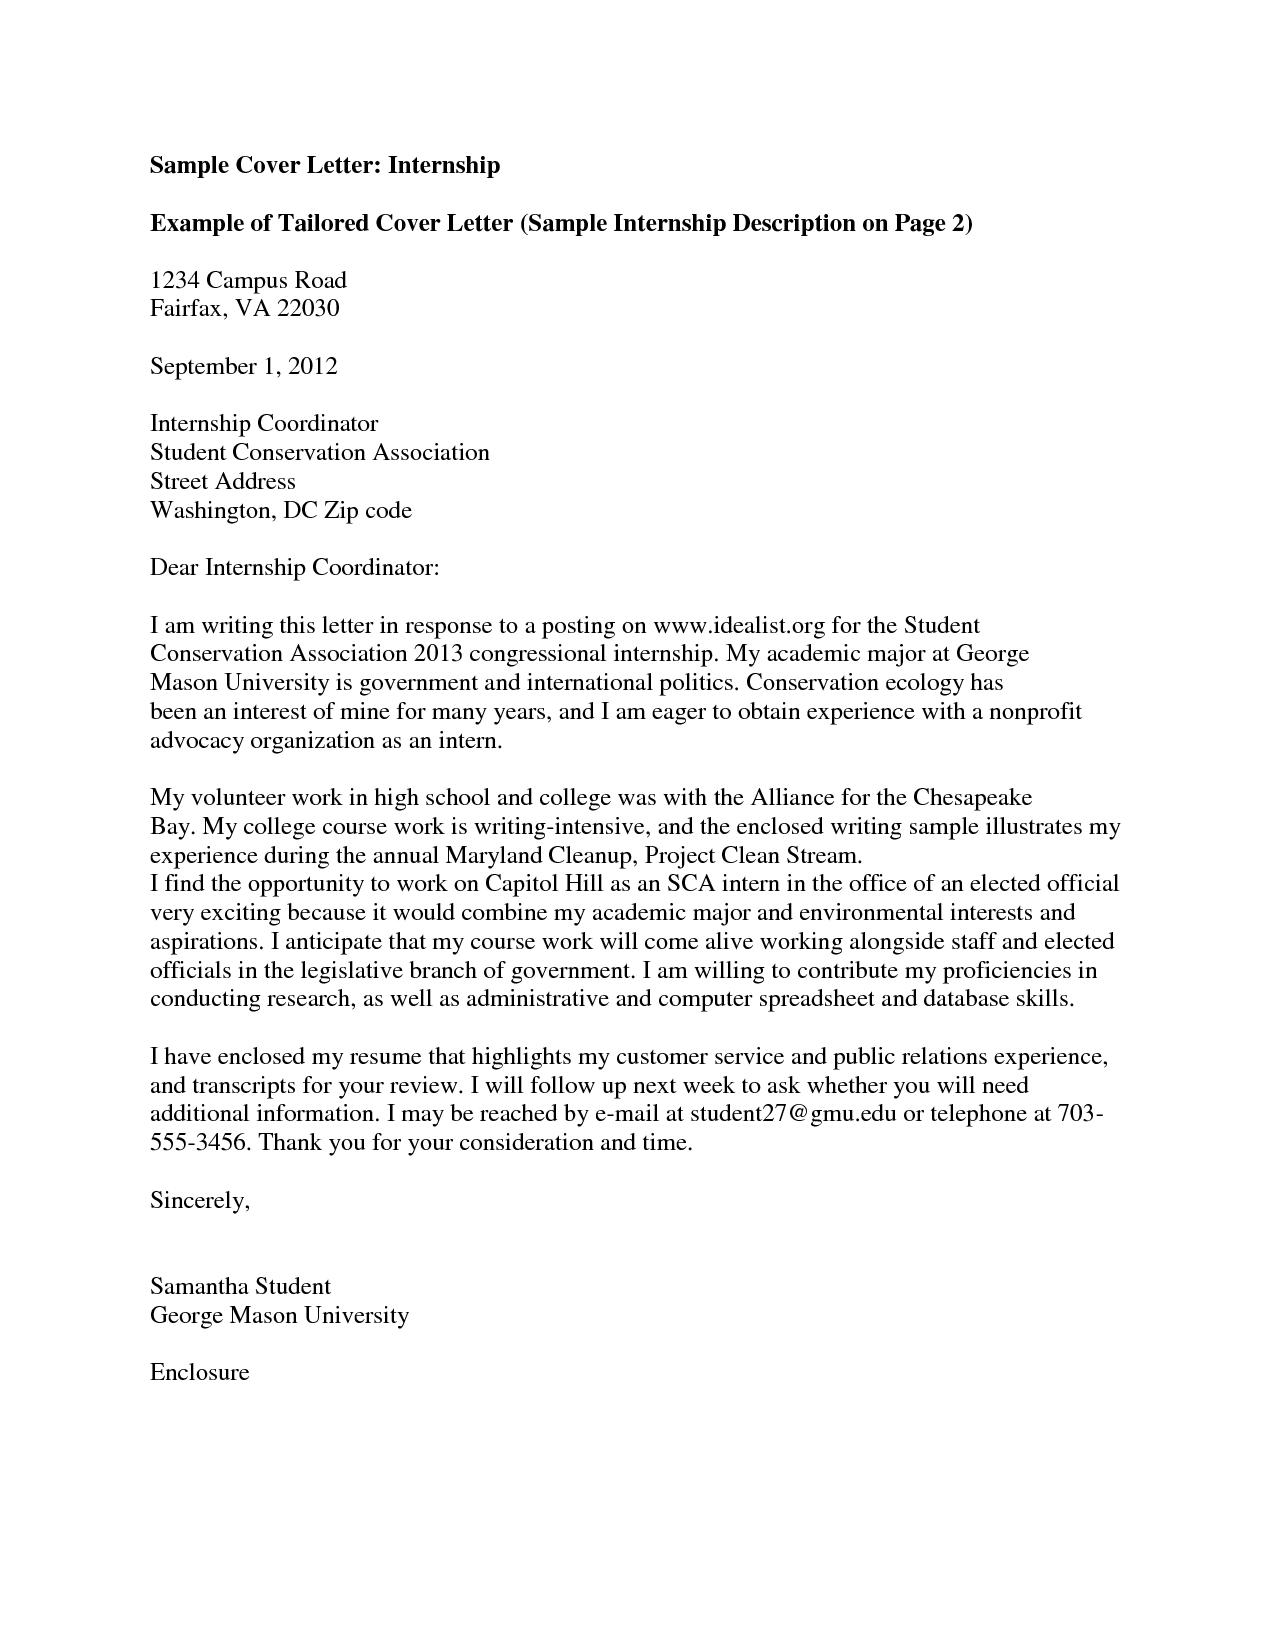 Cover Letter Template University Cover letter for internship